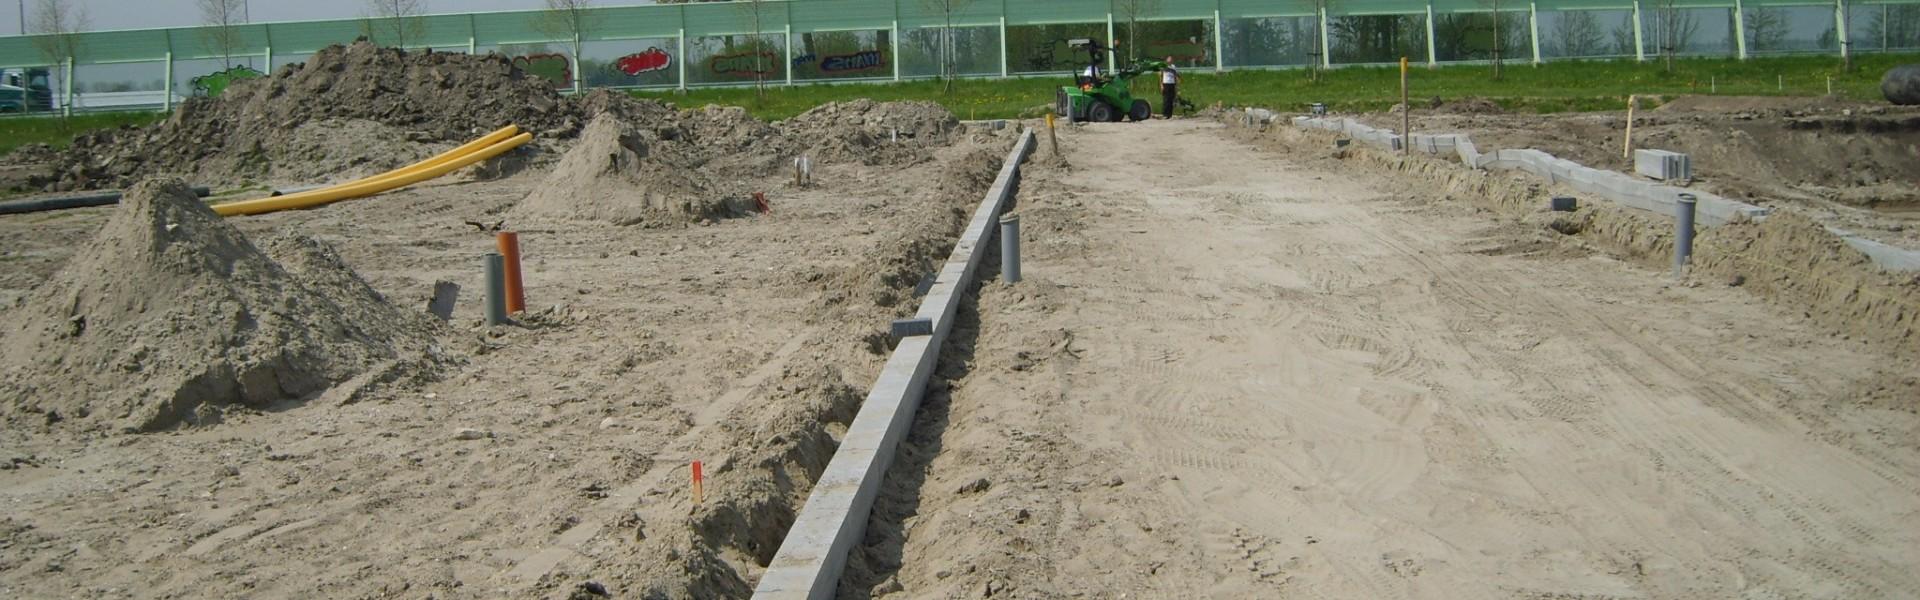 Aanbrengen bouweg aan de Bobbeldijkerweg t.b.v.: uitbreiding woonwagenkamp